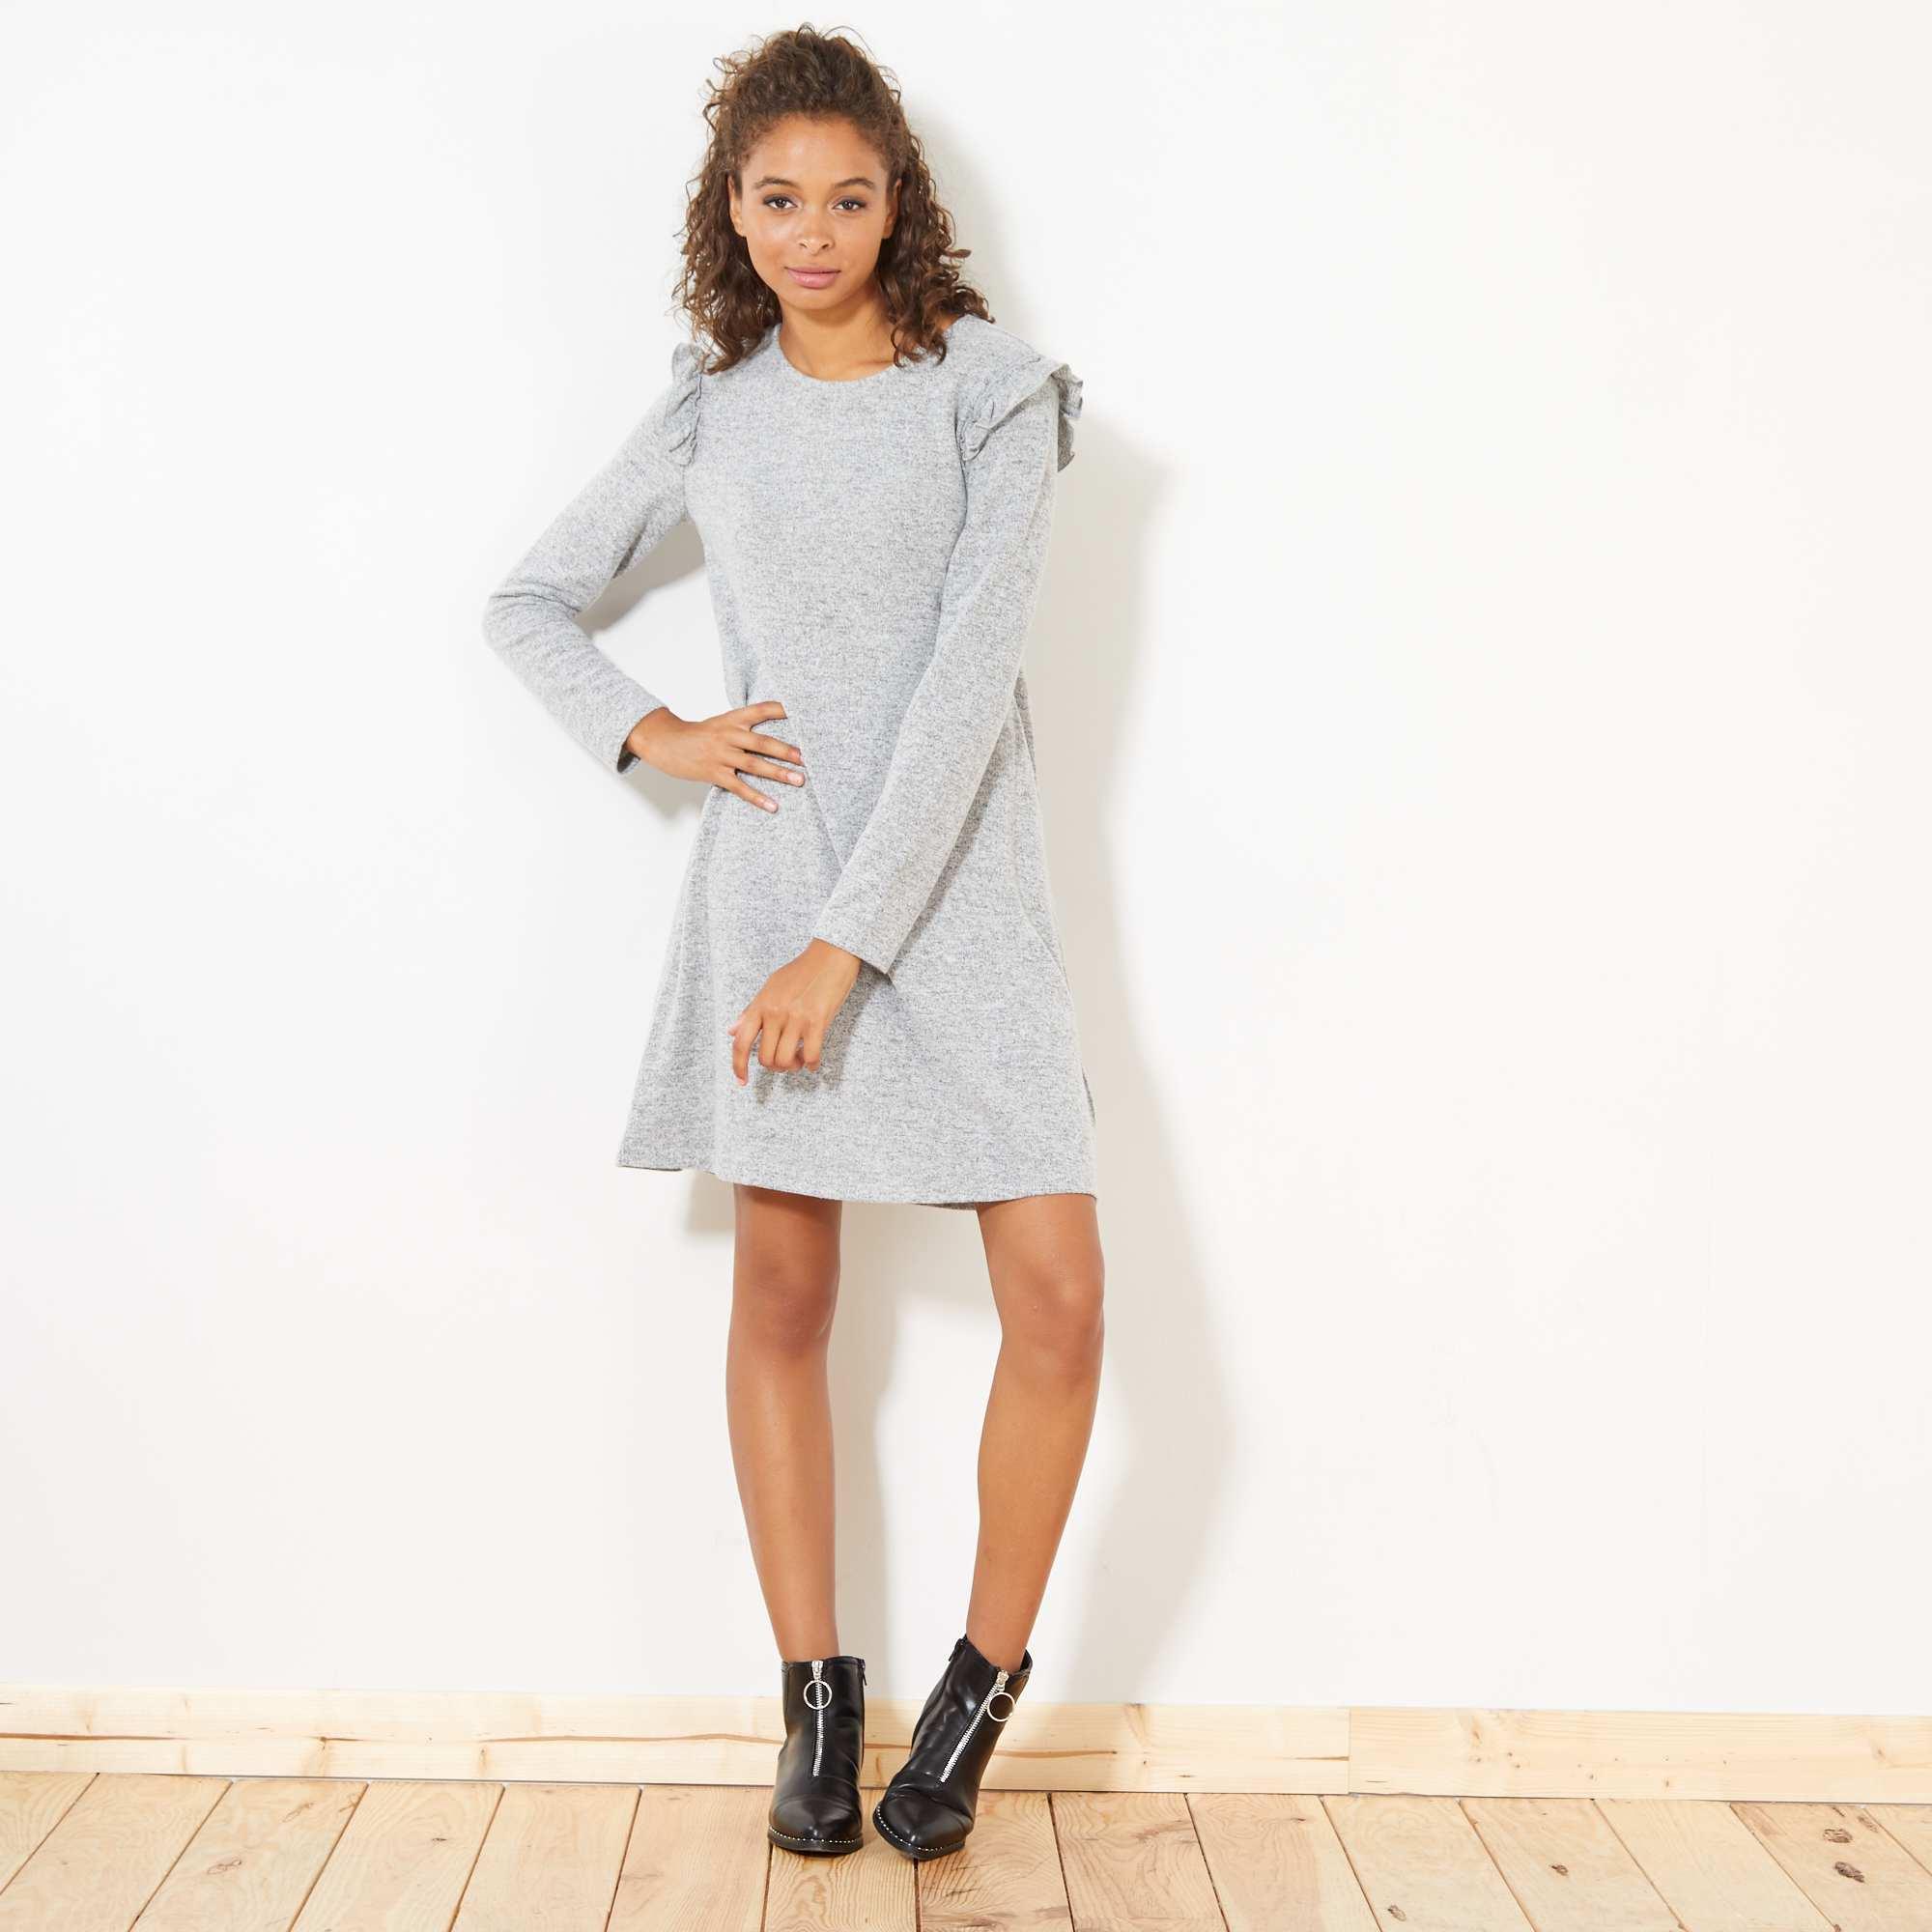 Couleur : gris chiné clair, , ,, - Taille : S, XL, ,,La robe pull tricote notre style et les volants sont intensément tendances ! - Robe